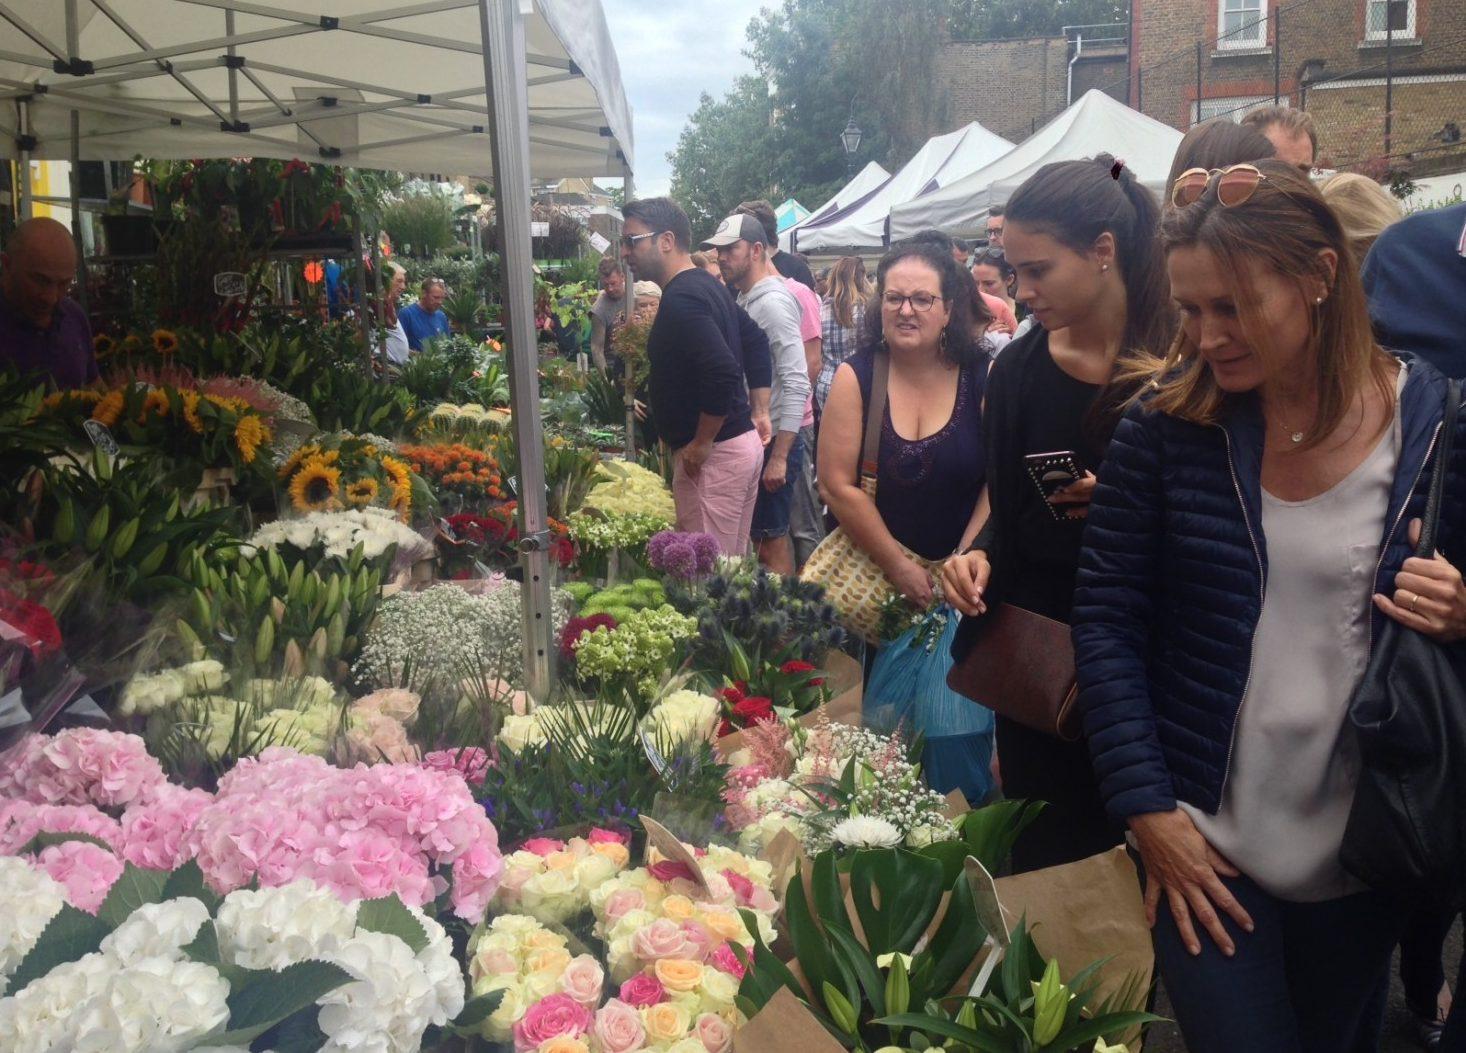 Columbia Road Flower market som er gratis i London